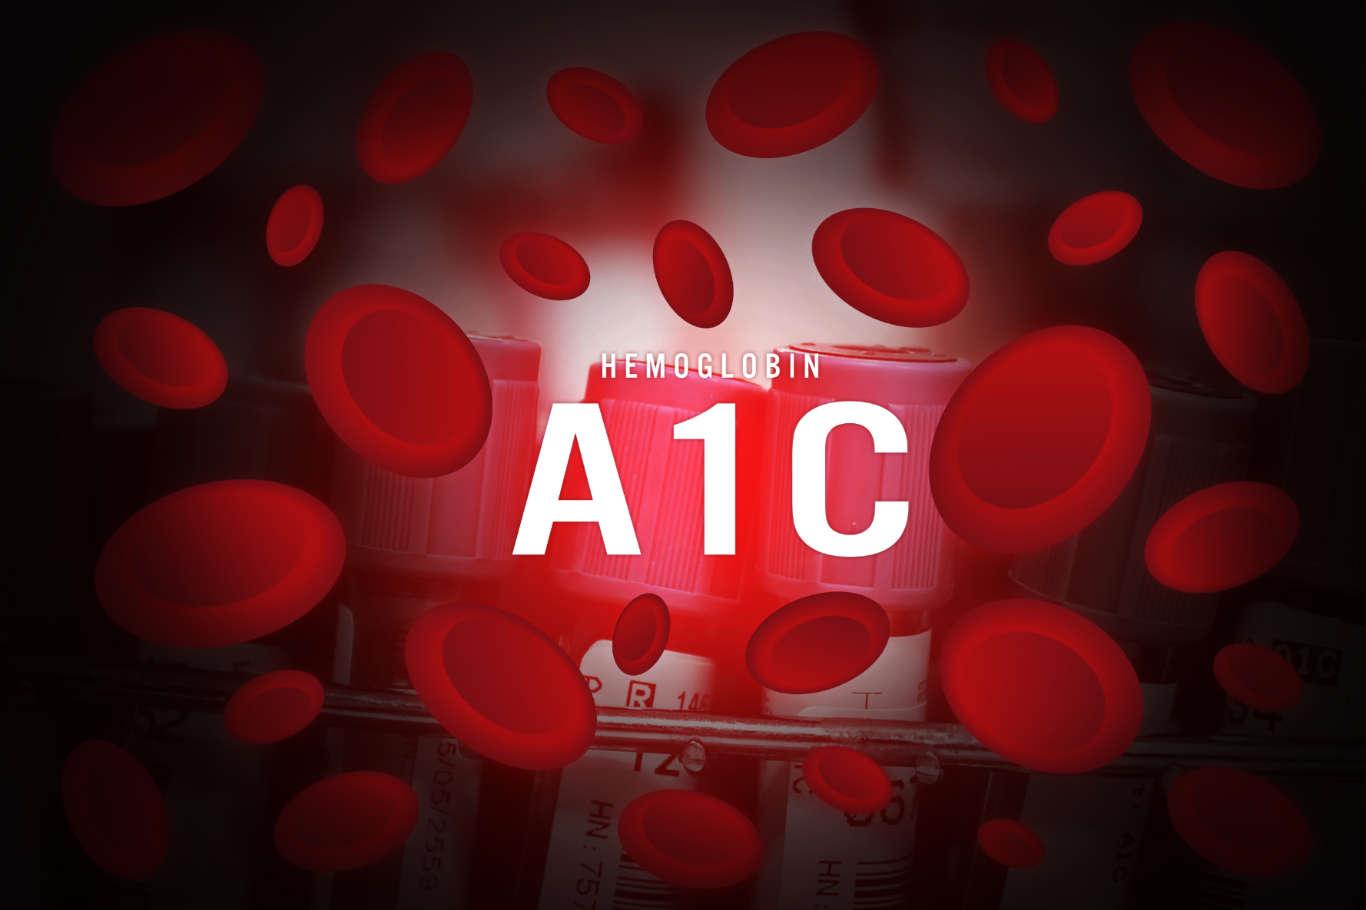 انتخاب بهترین پزشک برای آزمایش A1C